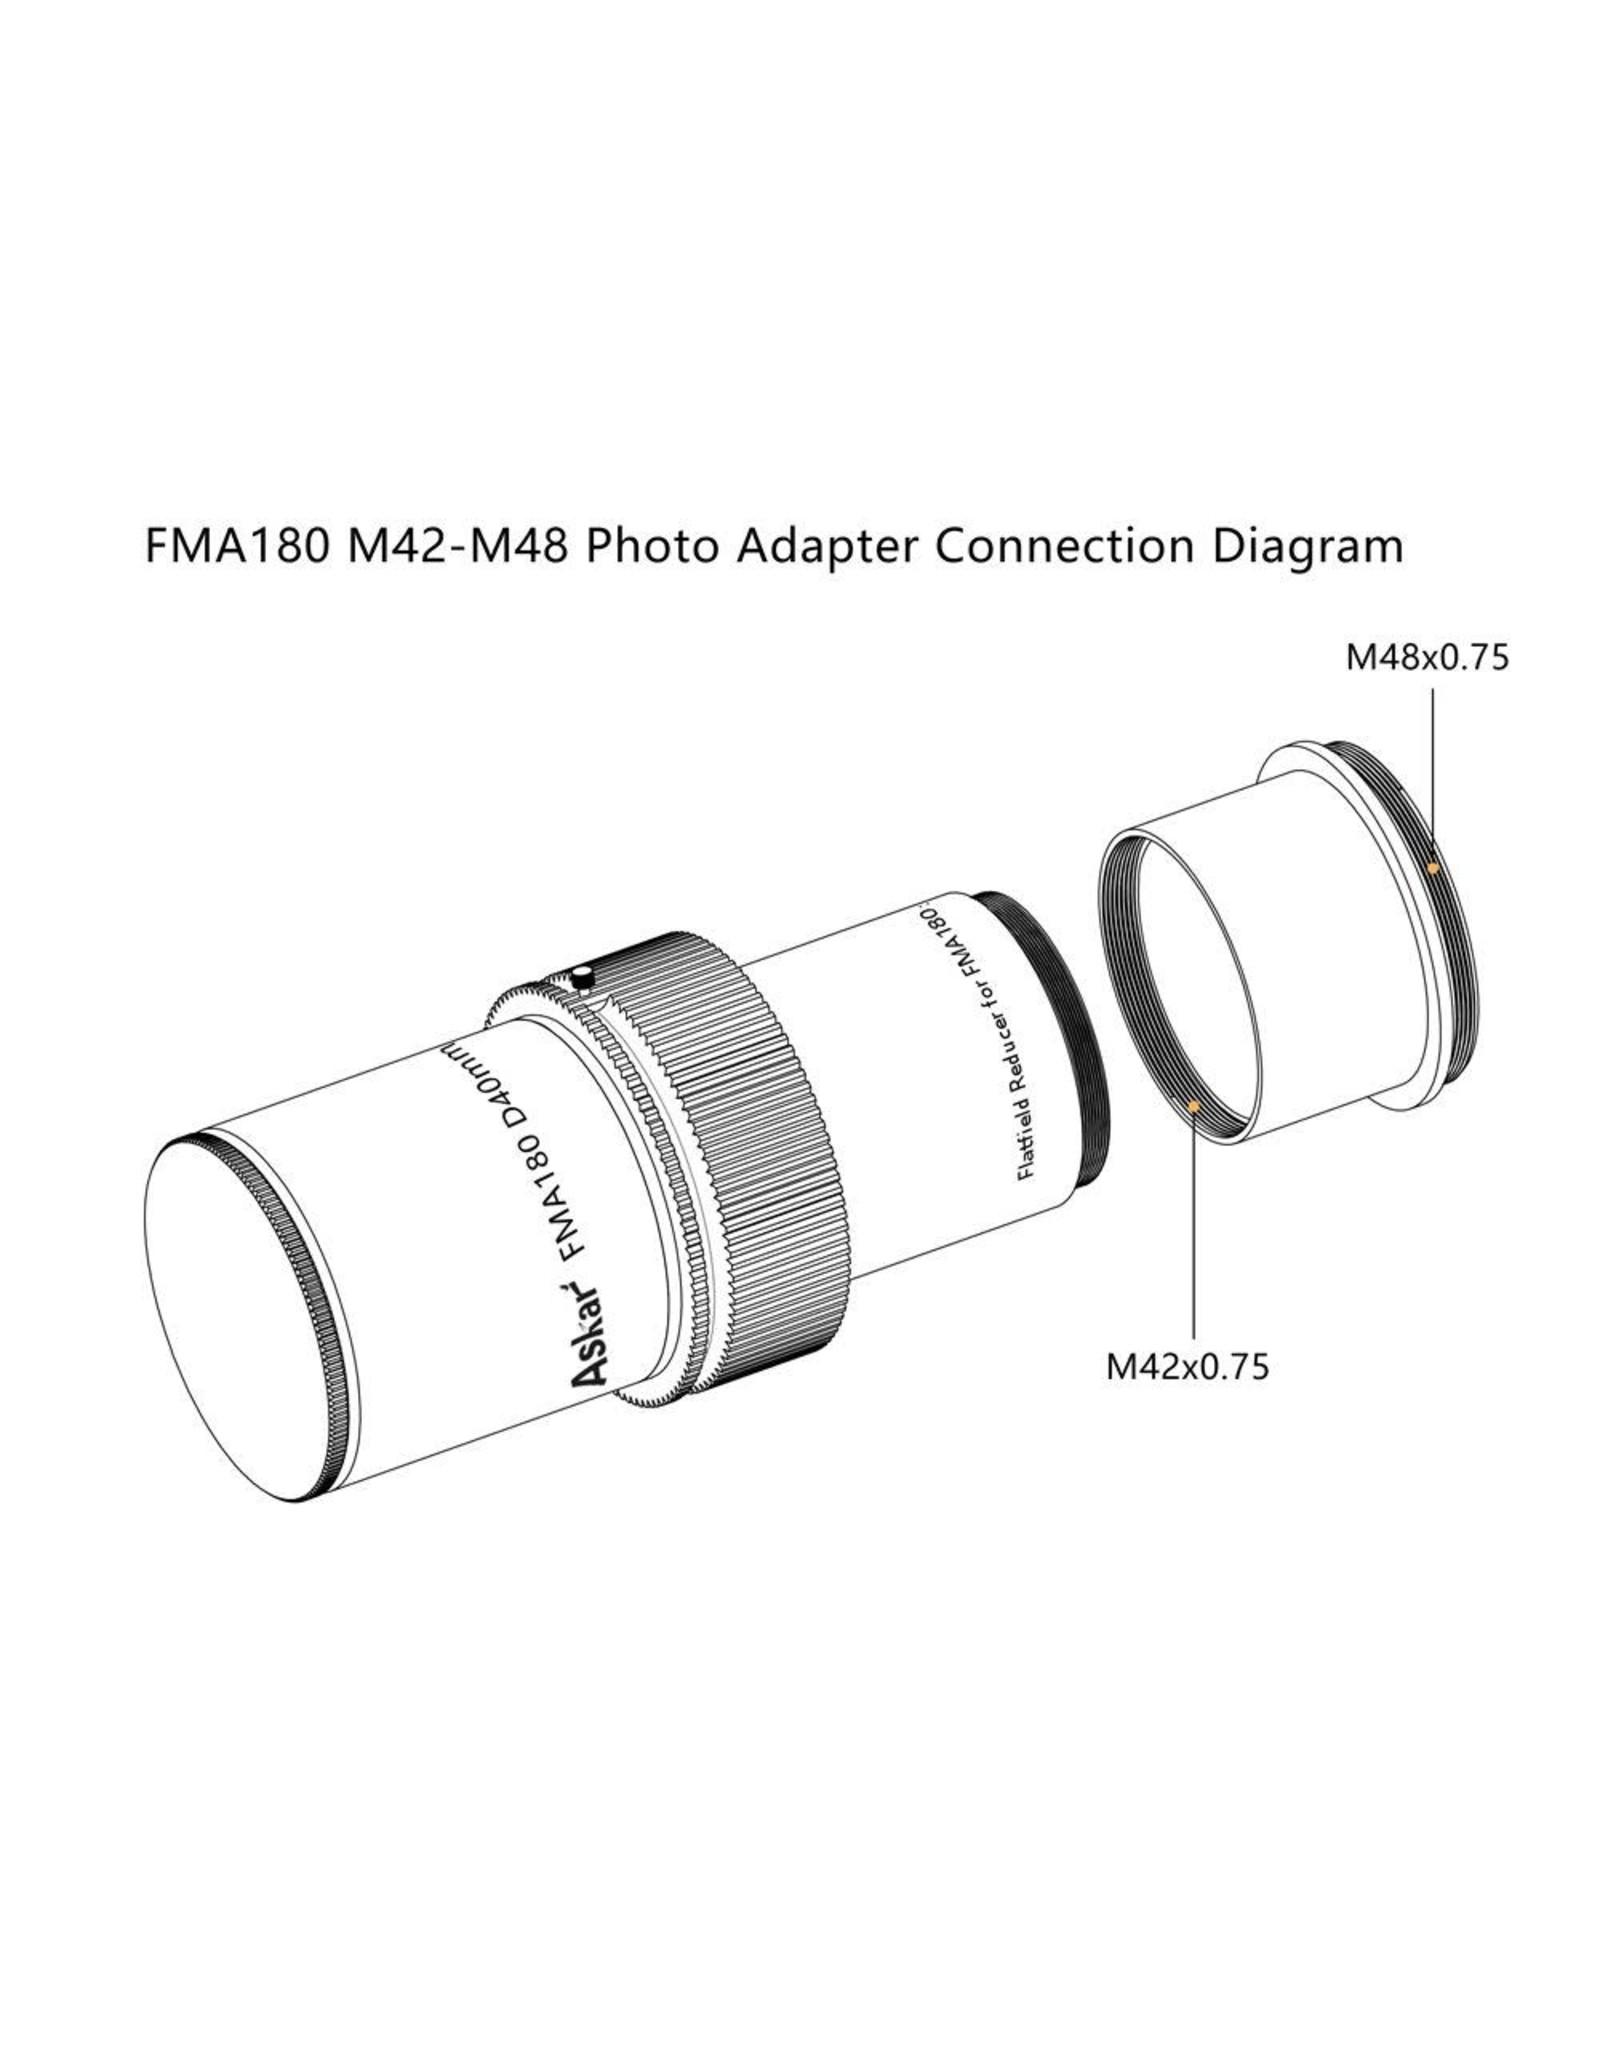 Askar Askar M42-M48 photo adapter for FMA180 - M42-M48